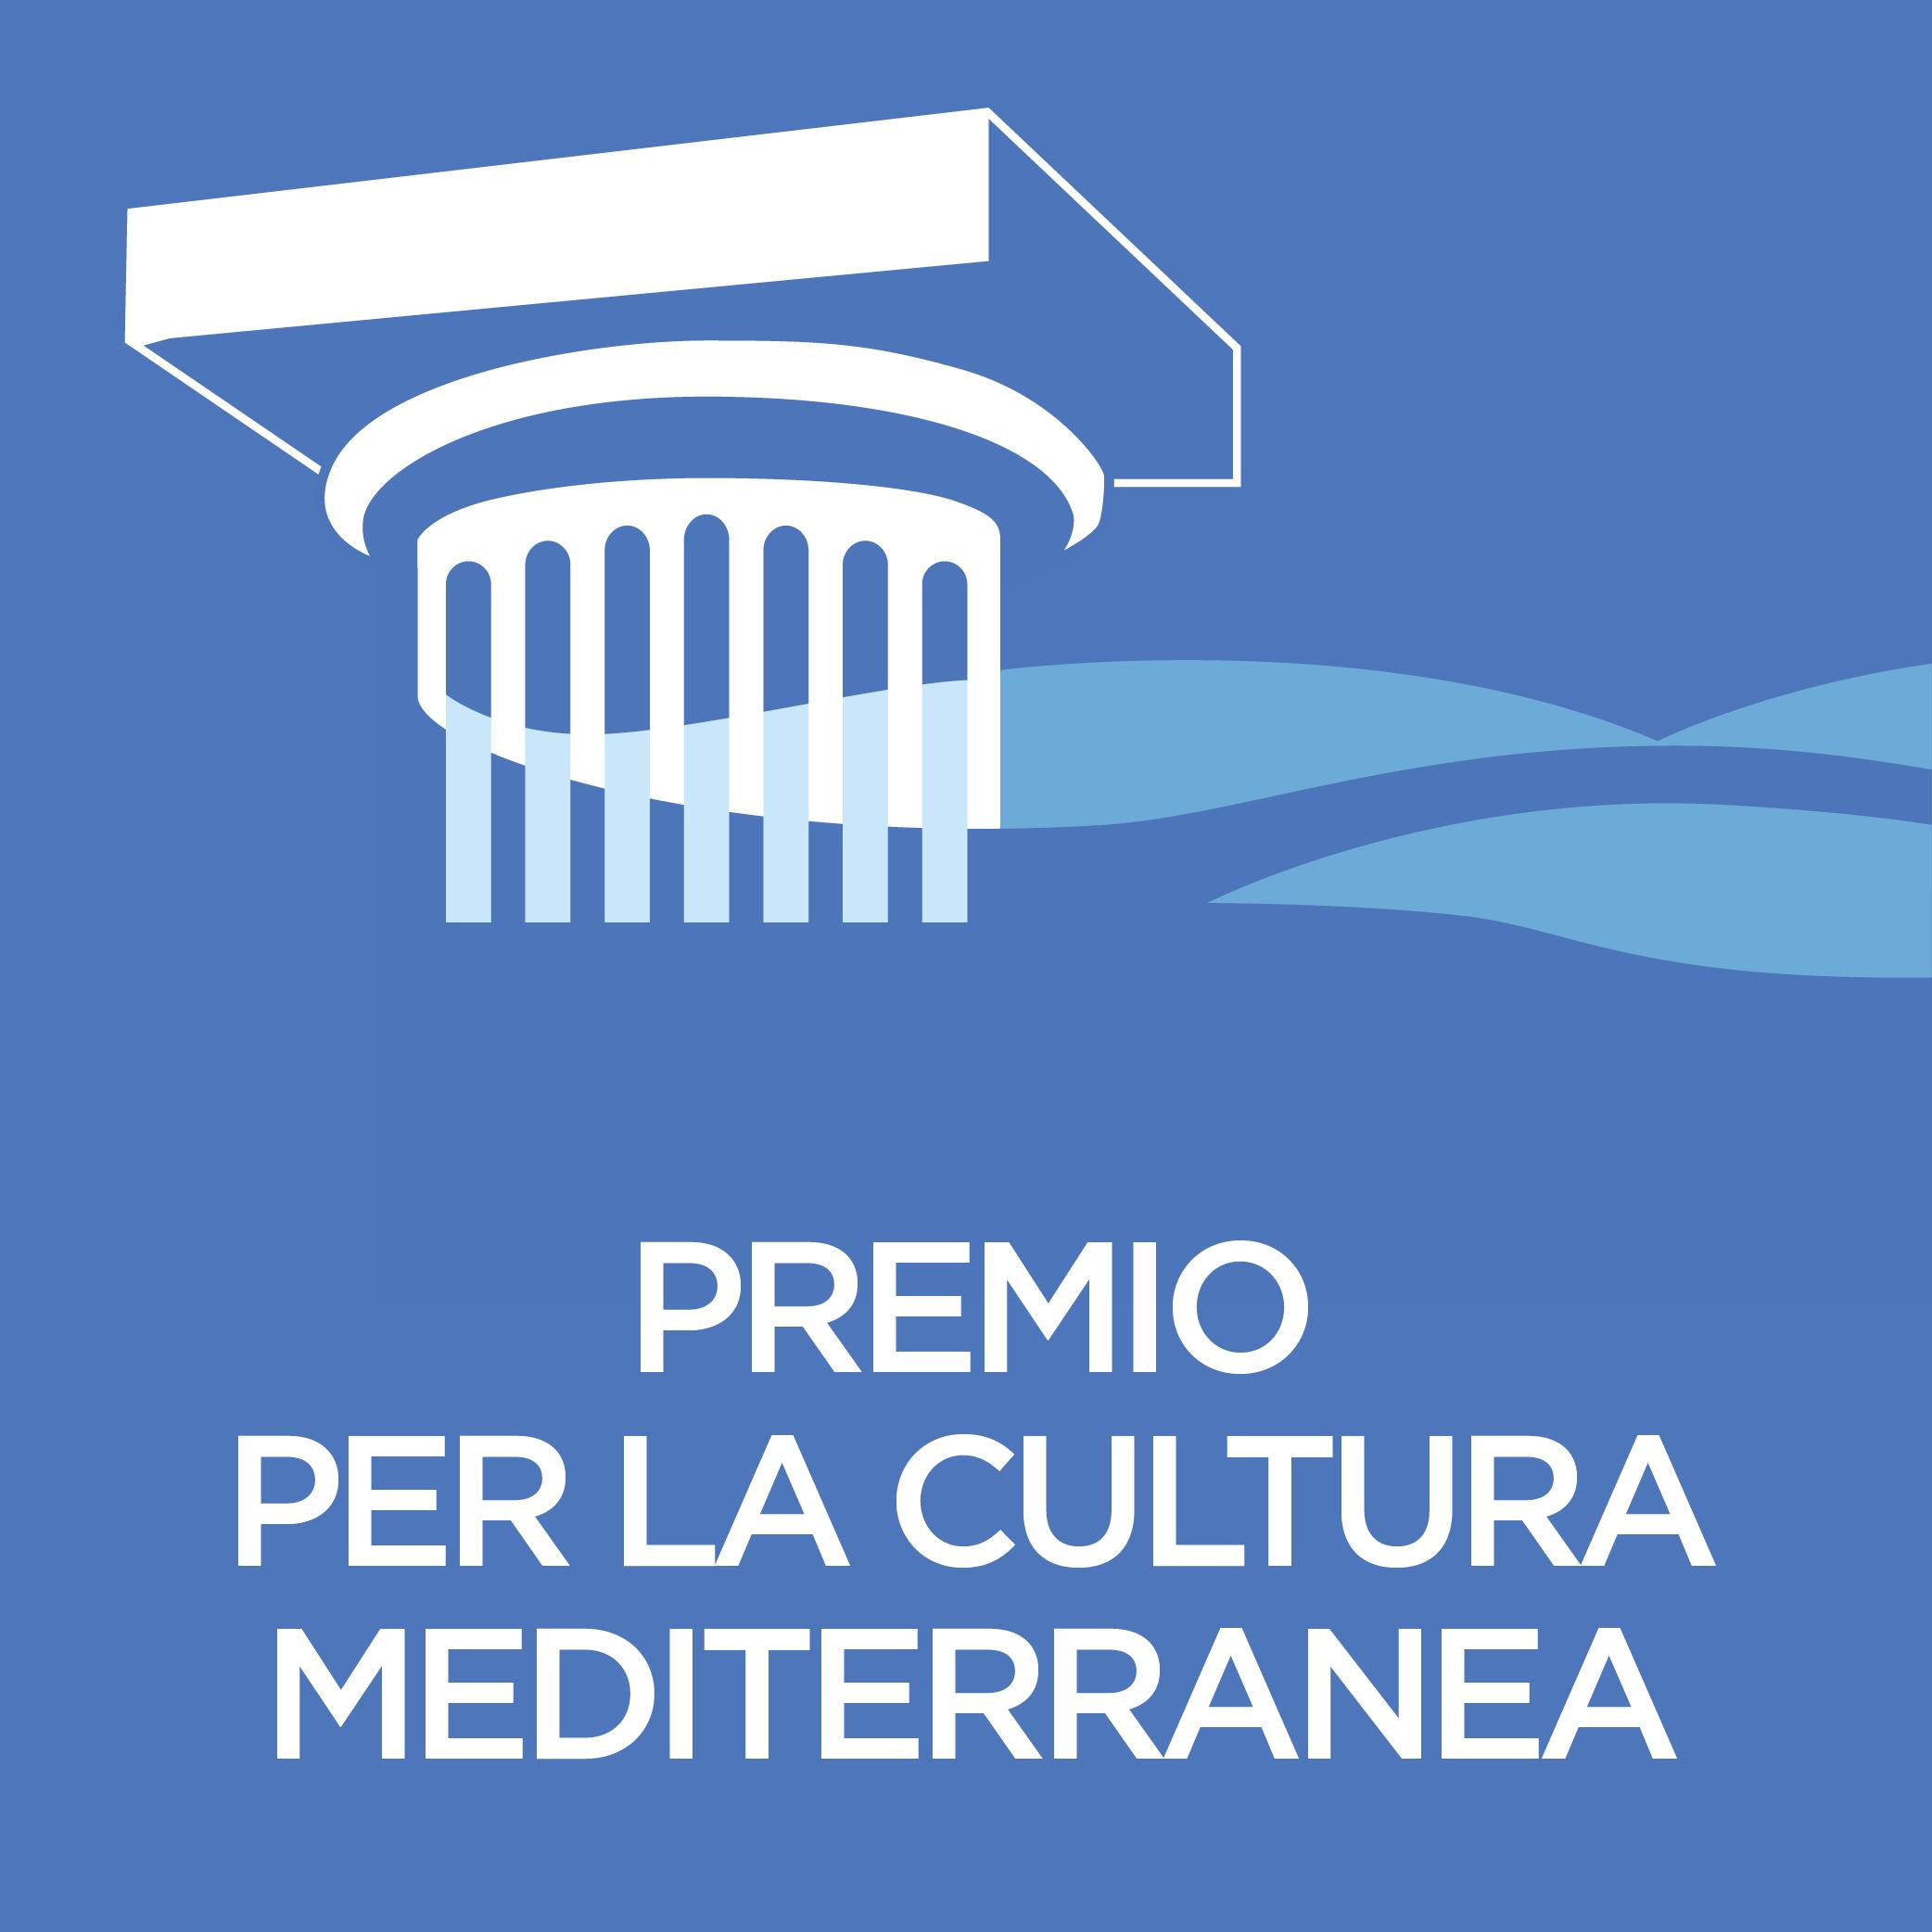 premio per la cultura mediterranea